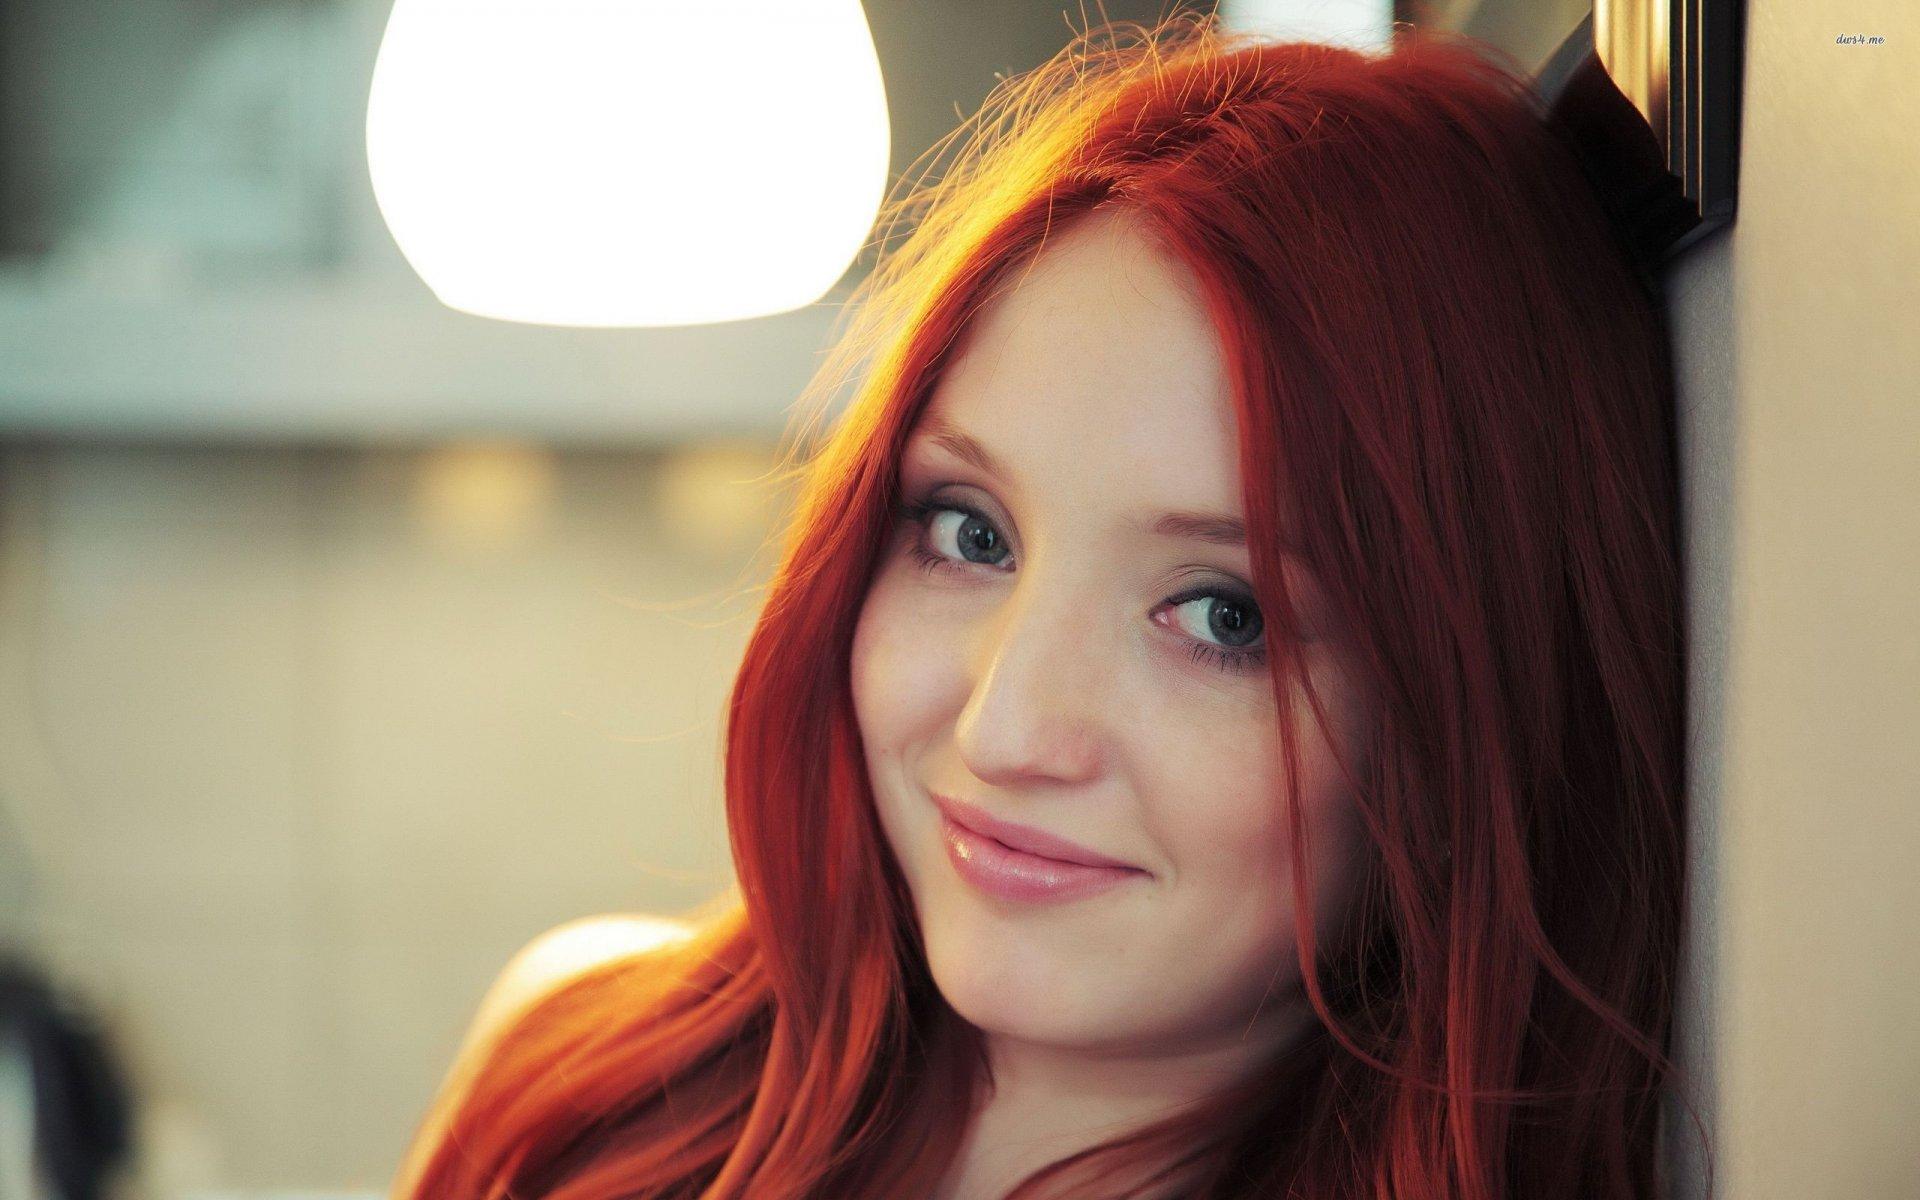 задумчивая девушка с огненно-рыжими волосами  № 1947170 без смс